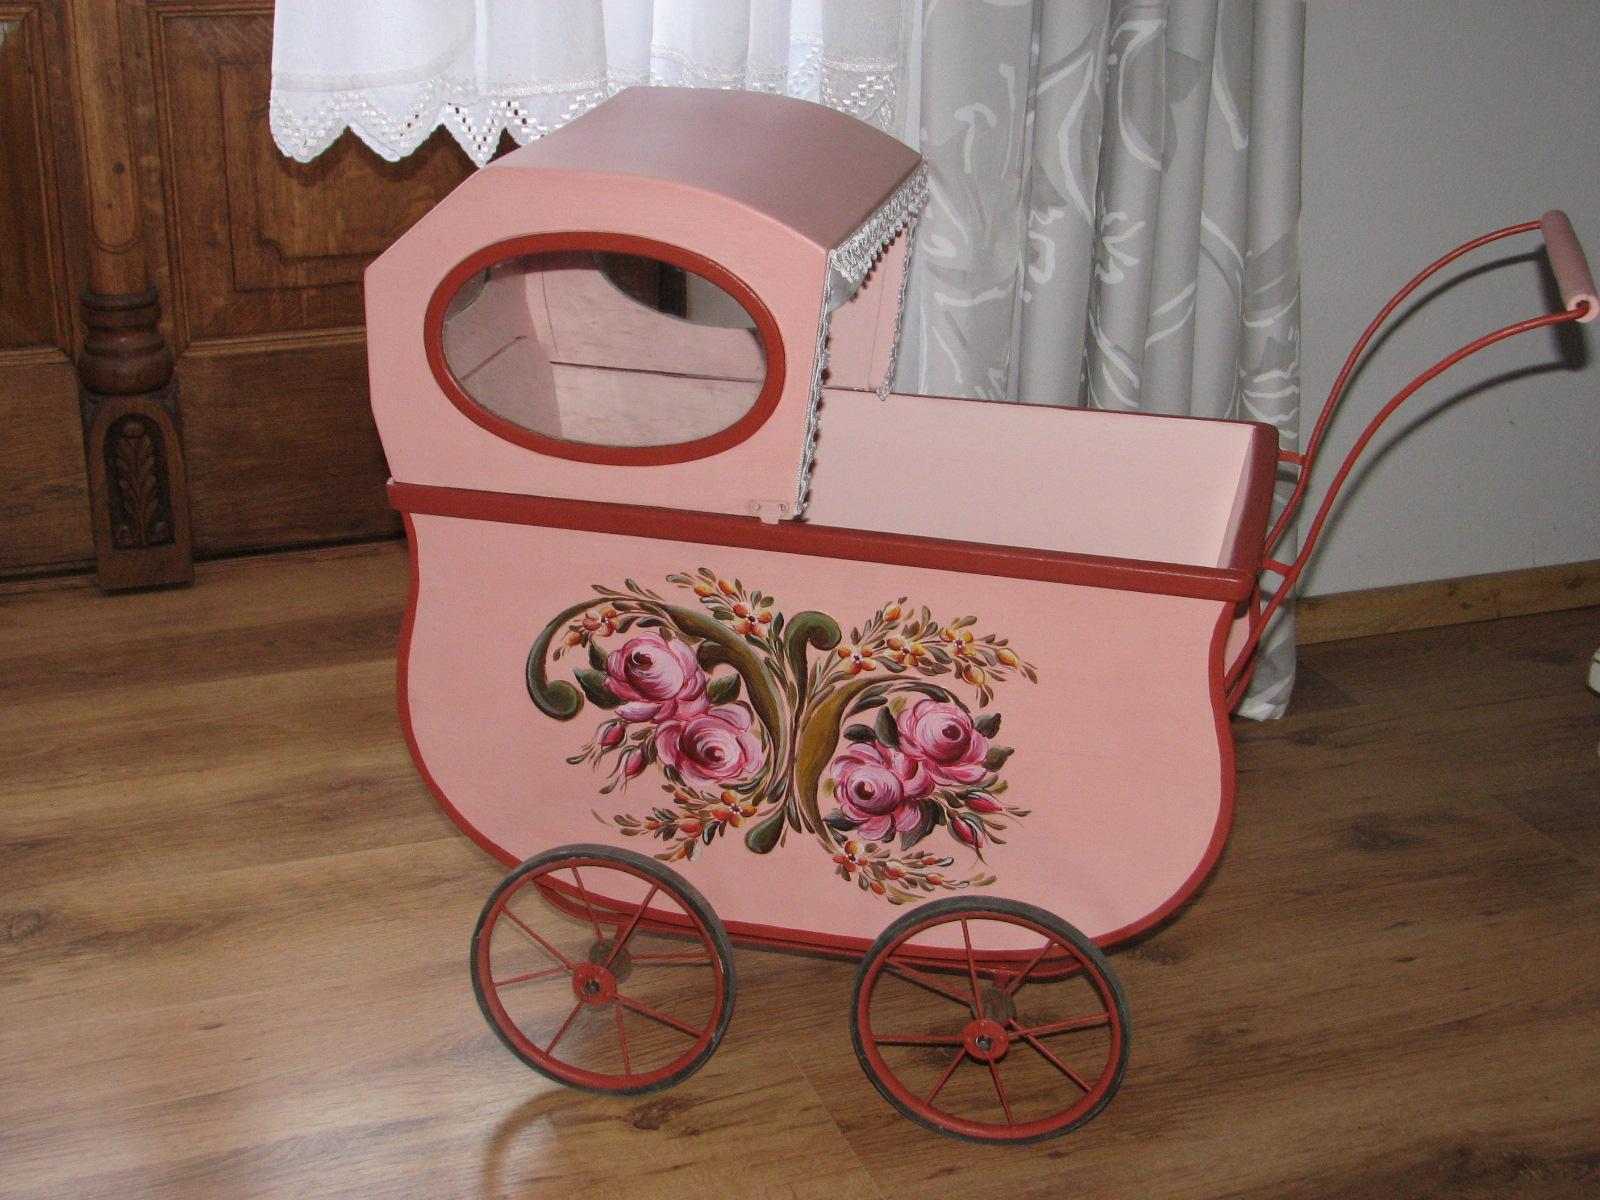 Růžový starožitný malovaný kočárek levý bok